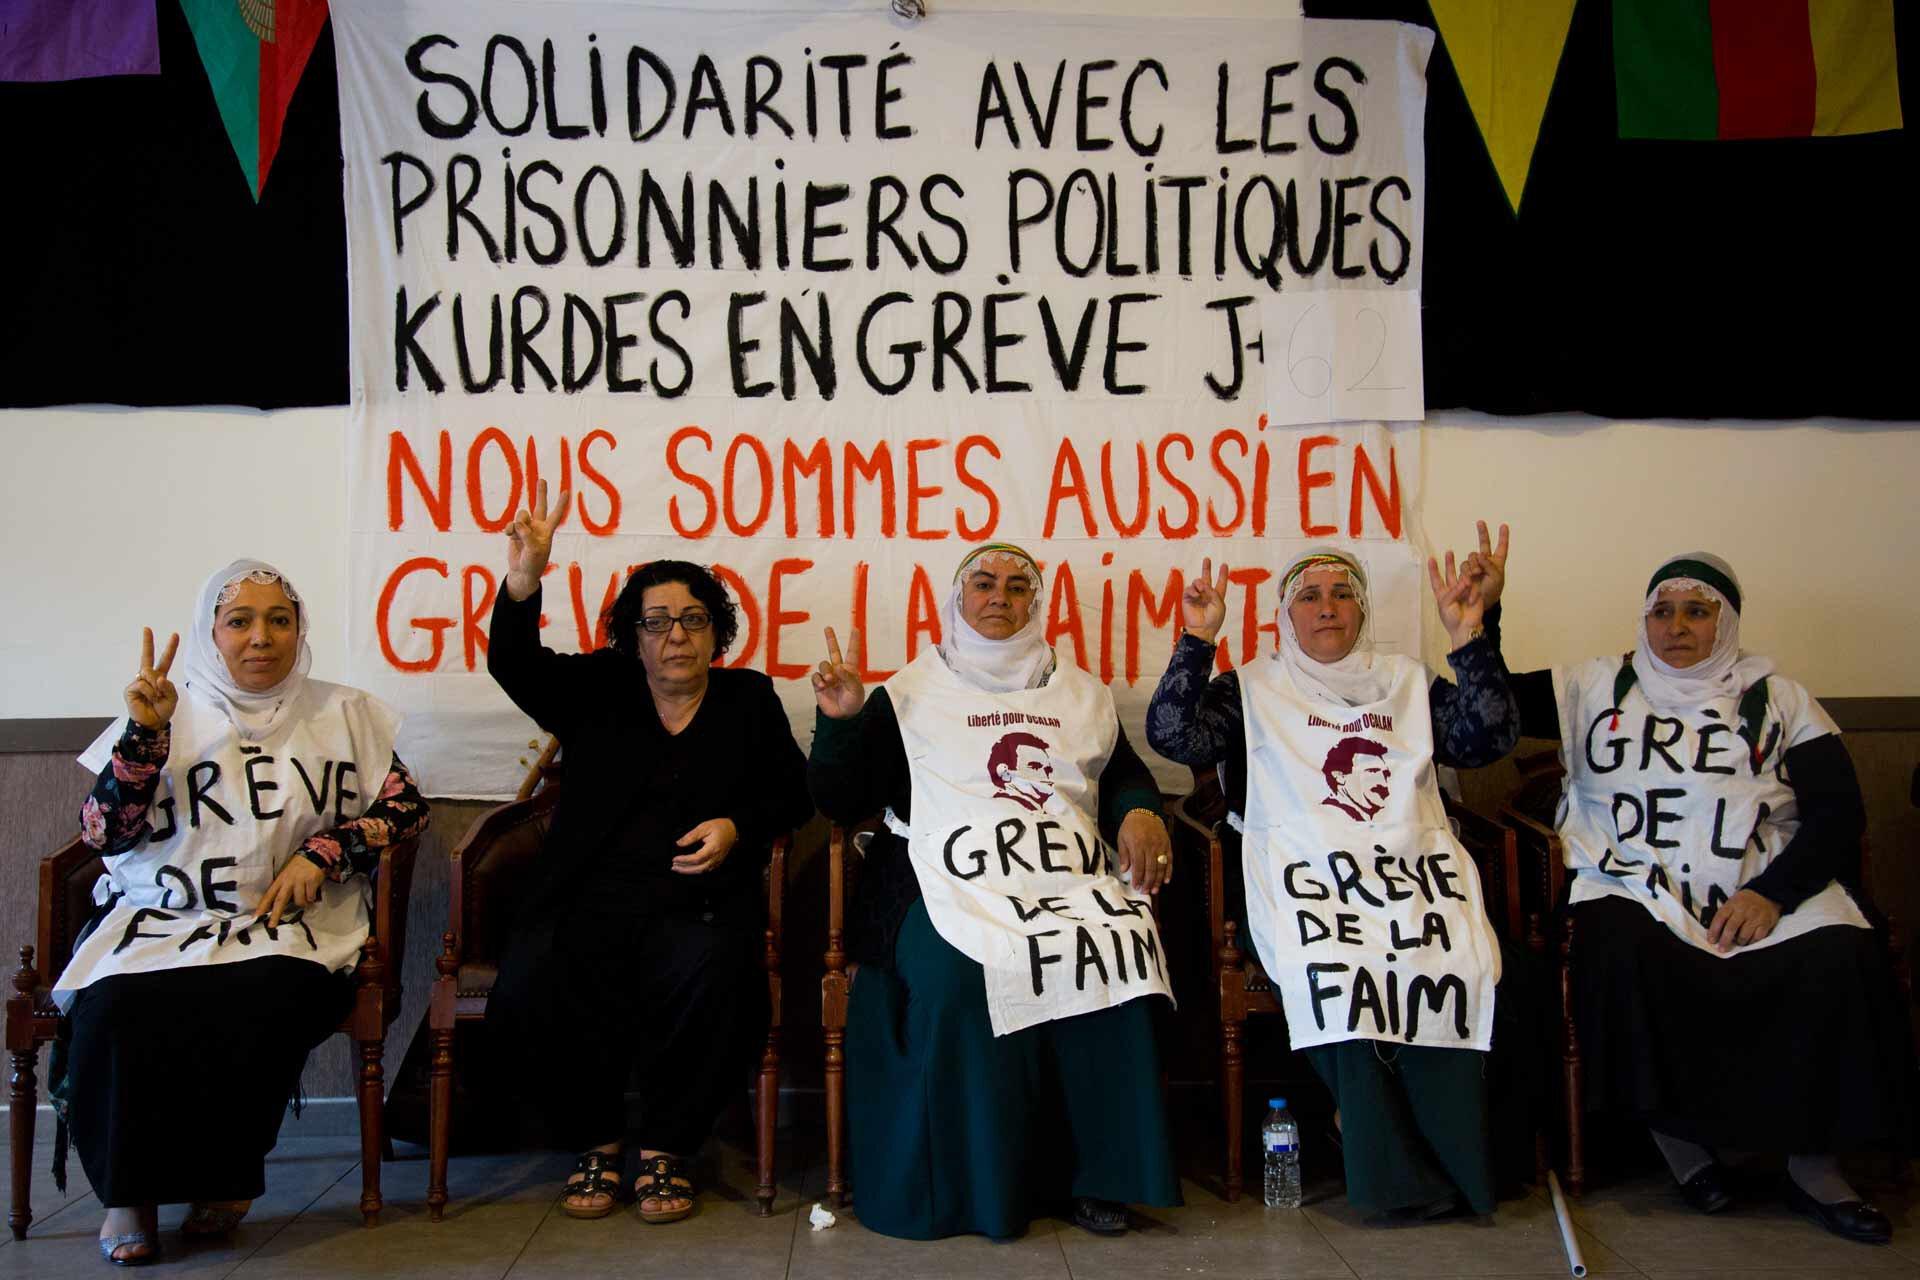 kurde, kurdistan, EI, ISIS, Gironde, Bordeaux, revue far ouest, laurent perpigna iban,